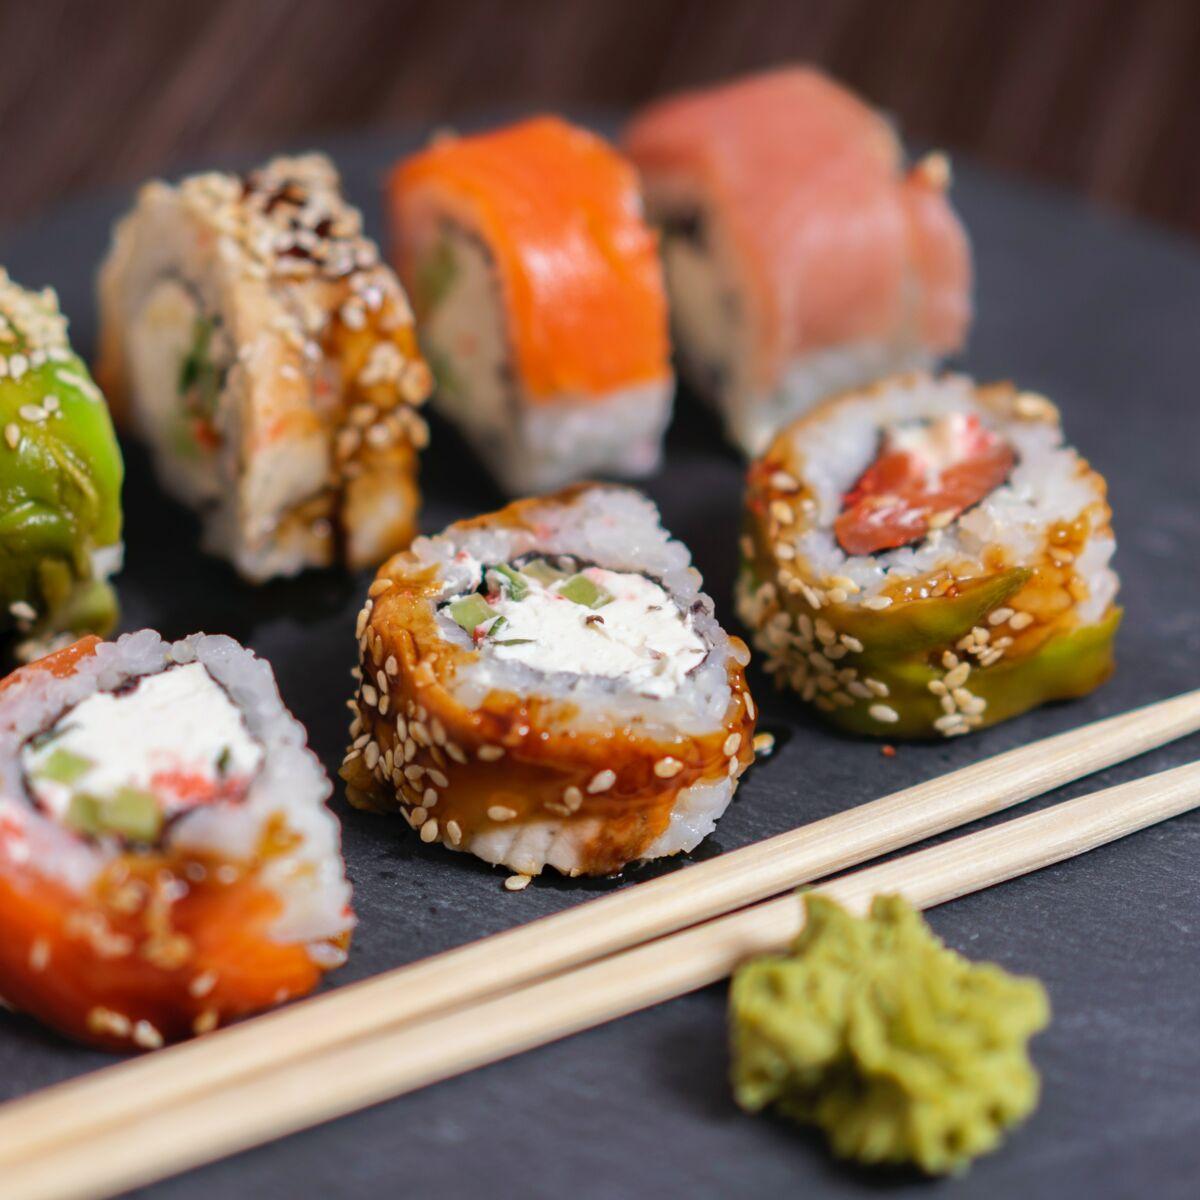 Sushis Que Choisir Au Restaurant Japonais Quand On Veut Perdre Du Poids Femme Actuelle Le Mag